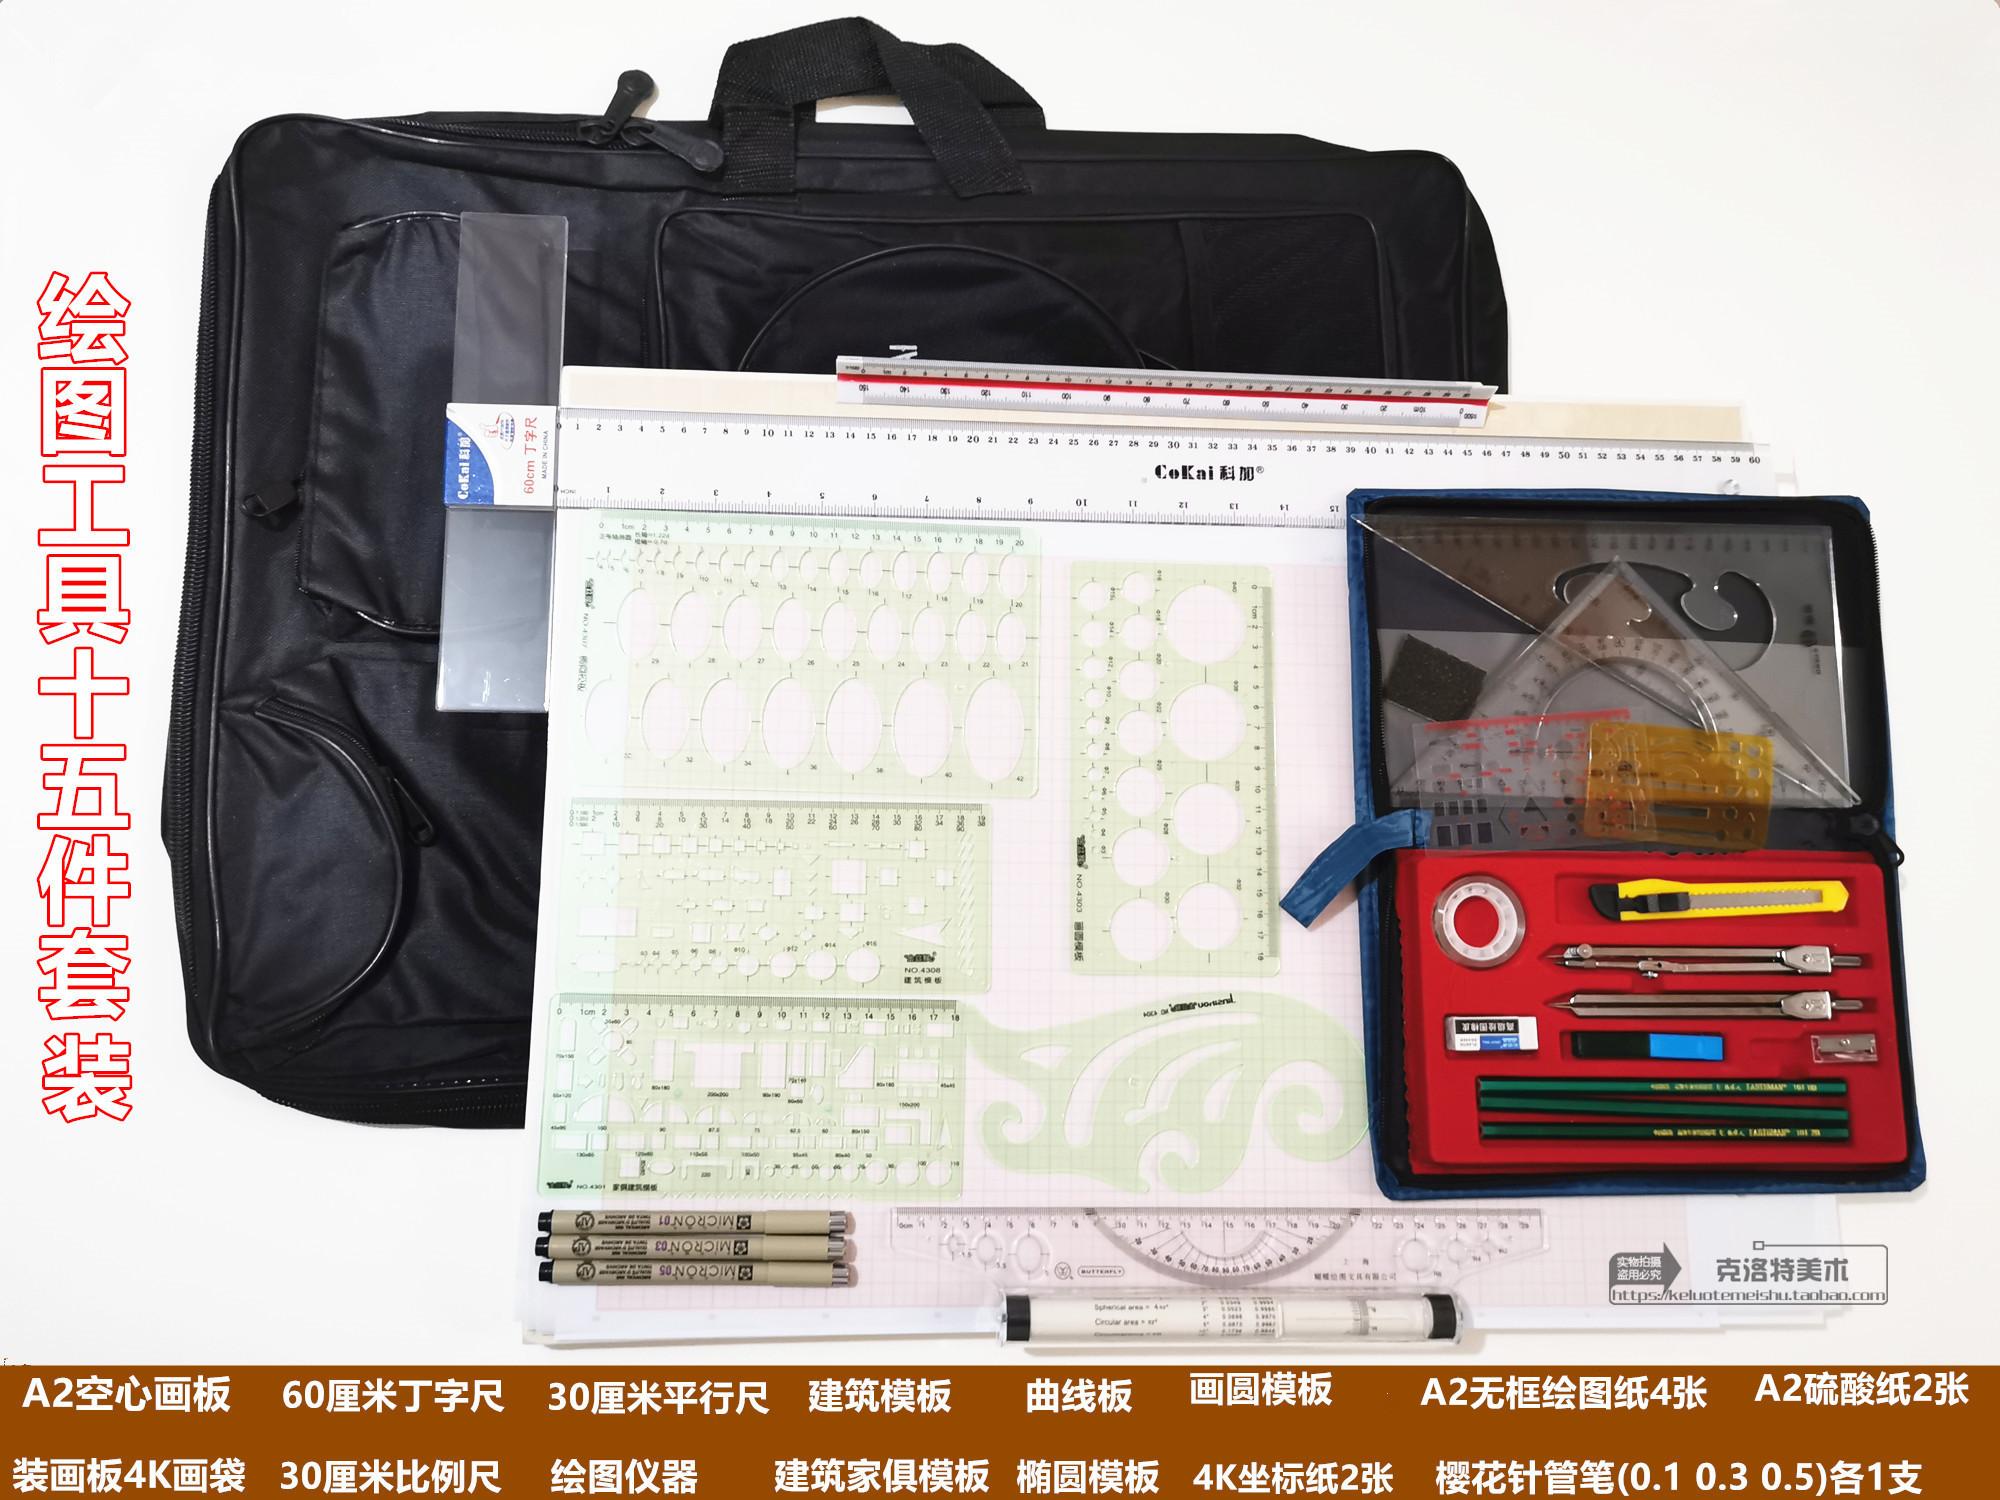 Электронные устройства с письменным вводом символов Артикул 566363623570